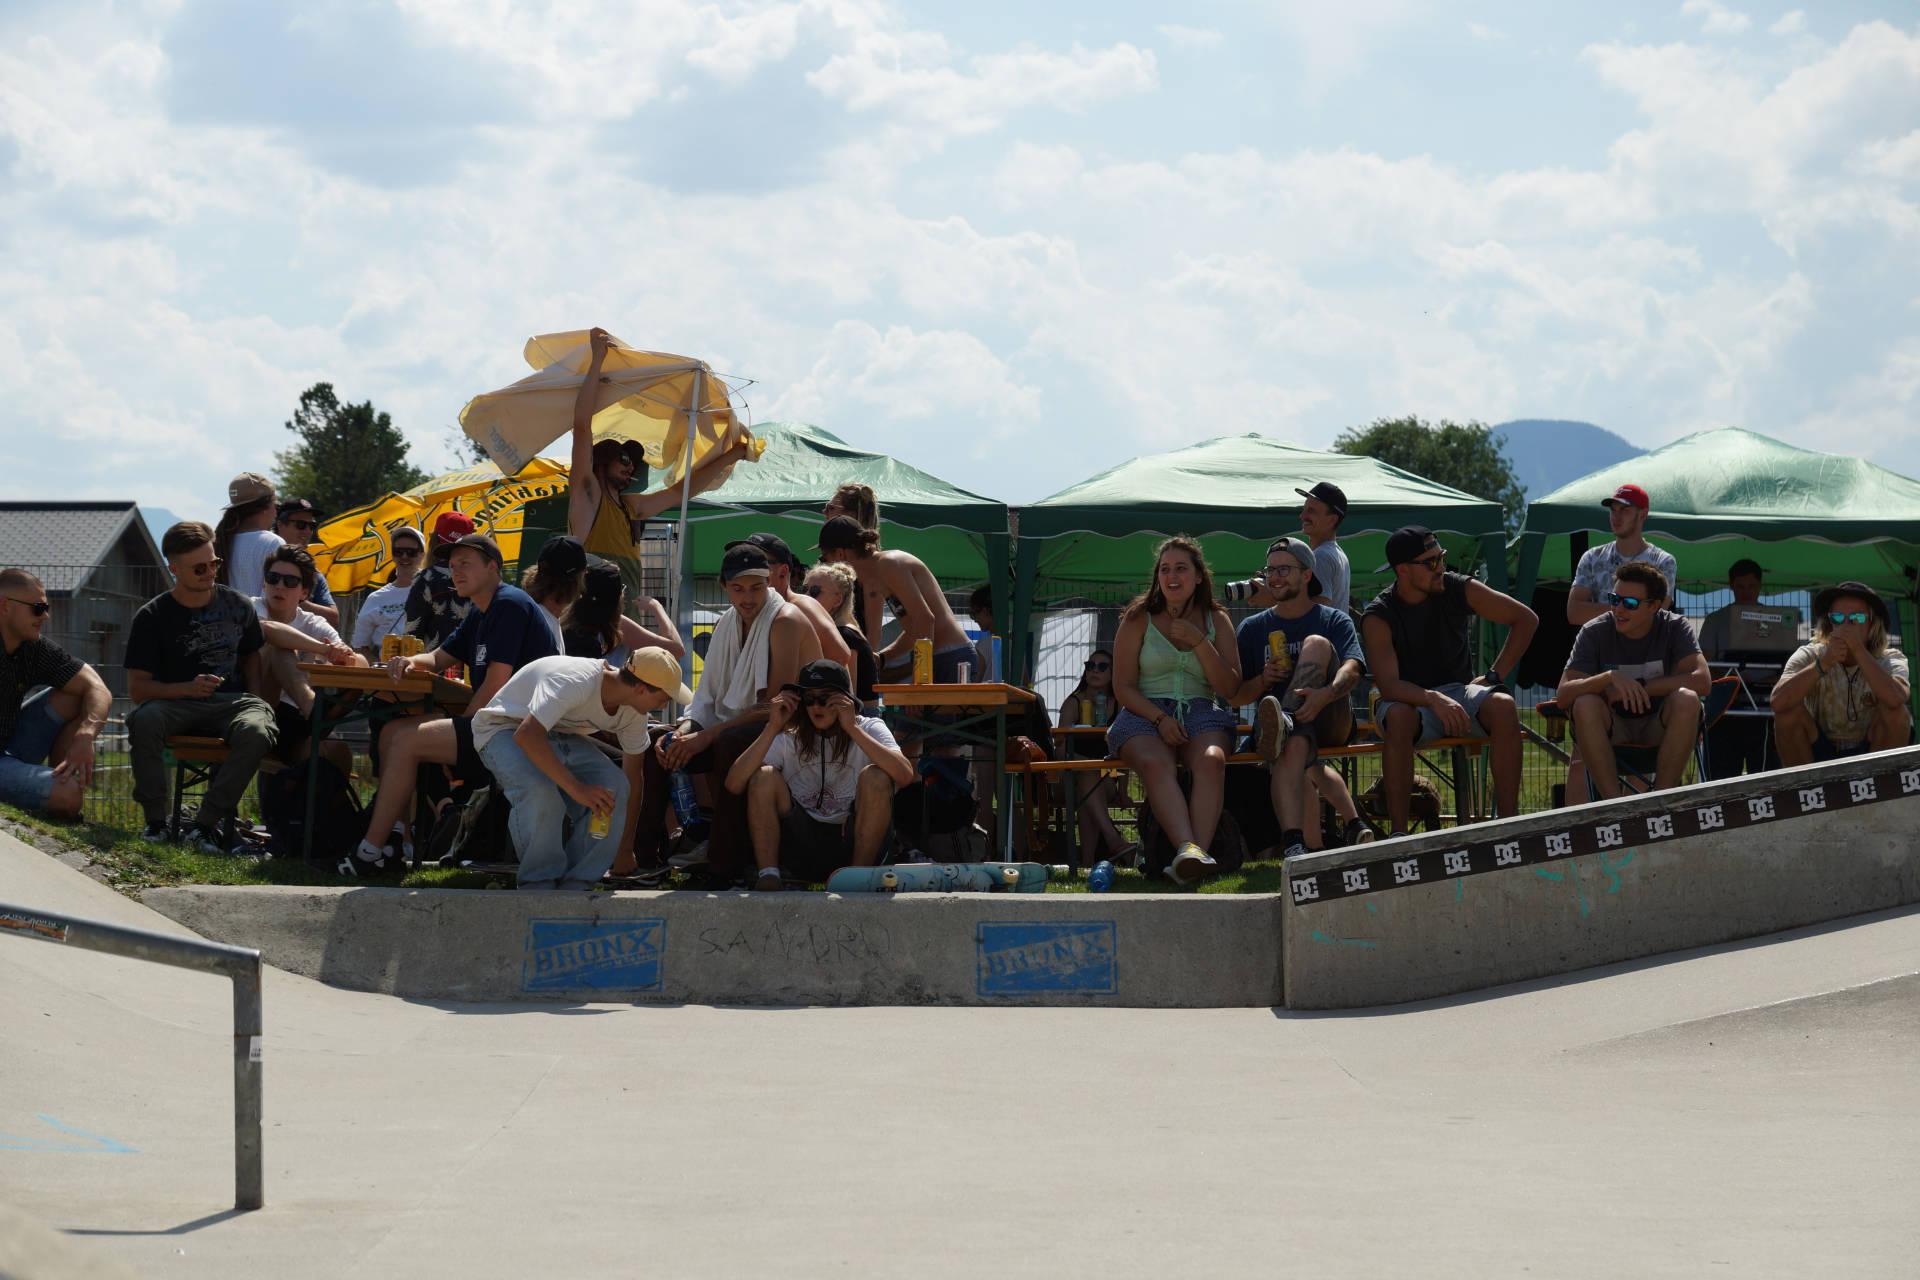 skateboardheadz st johann in tirol kgt 2019 finale 00041